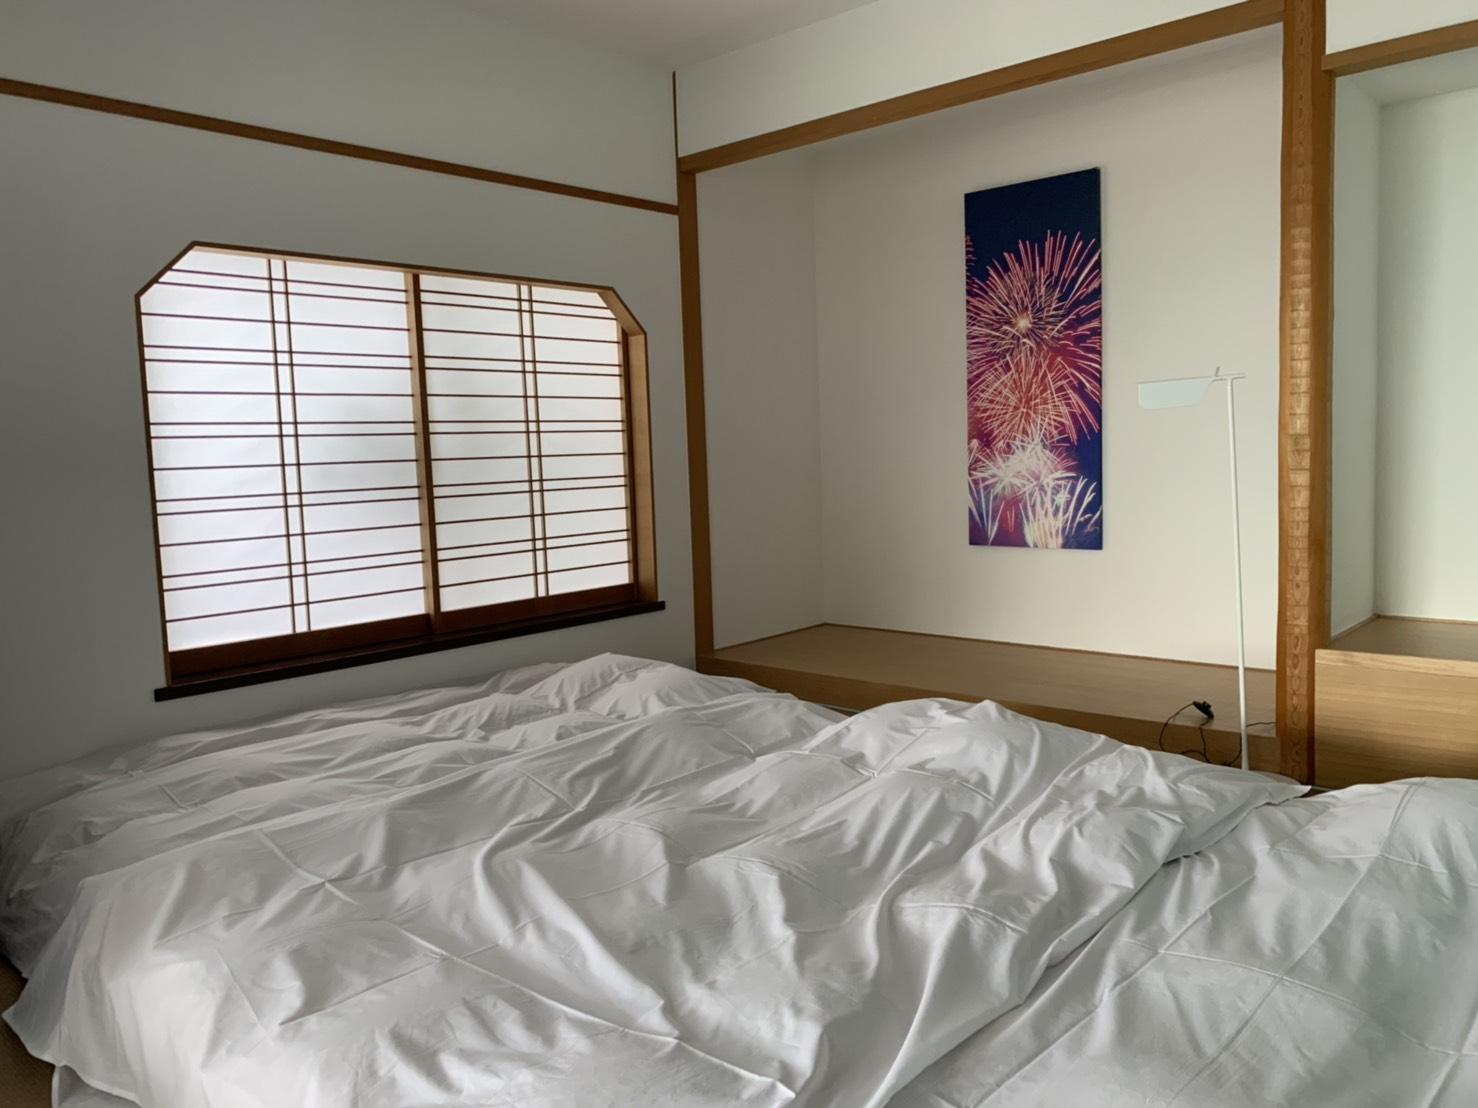 相較於東京的房間,熱海的房間明顯大上許多